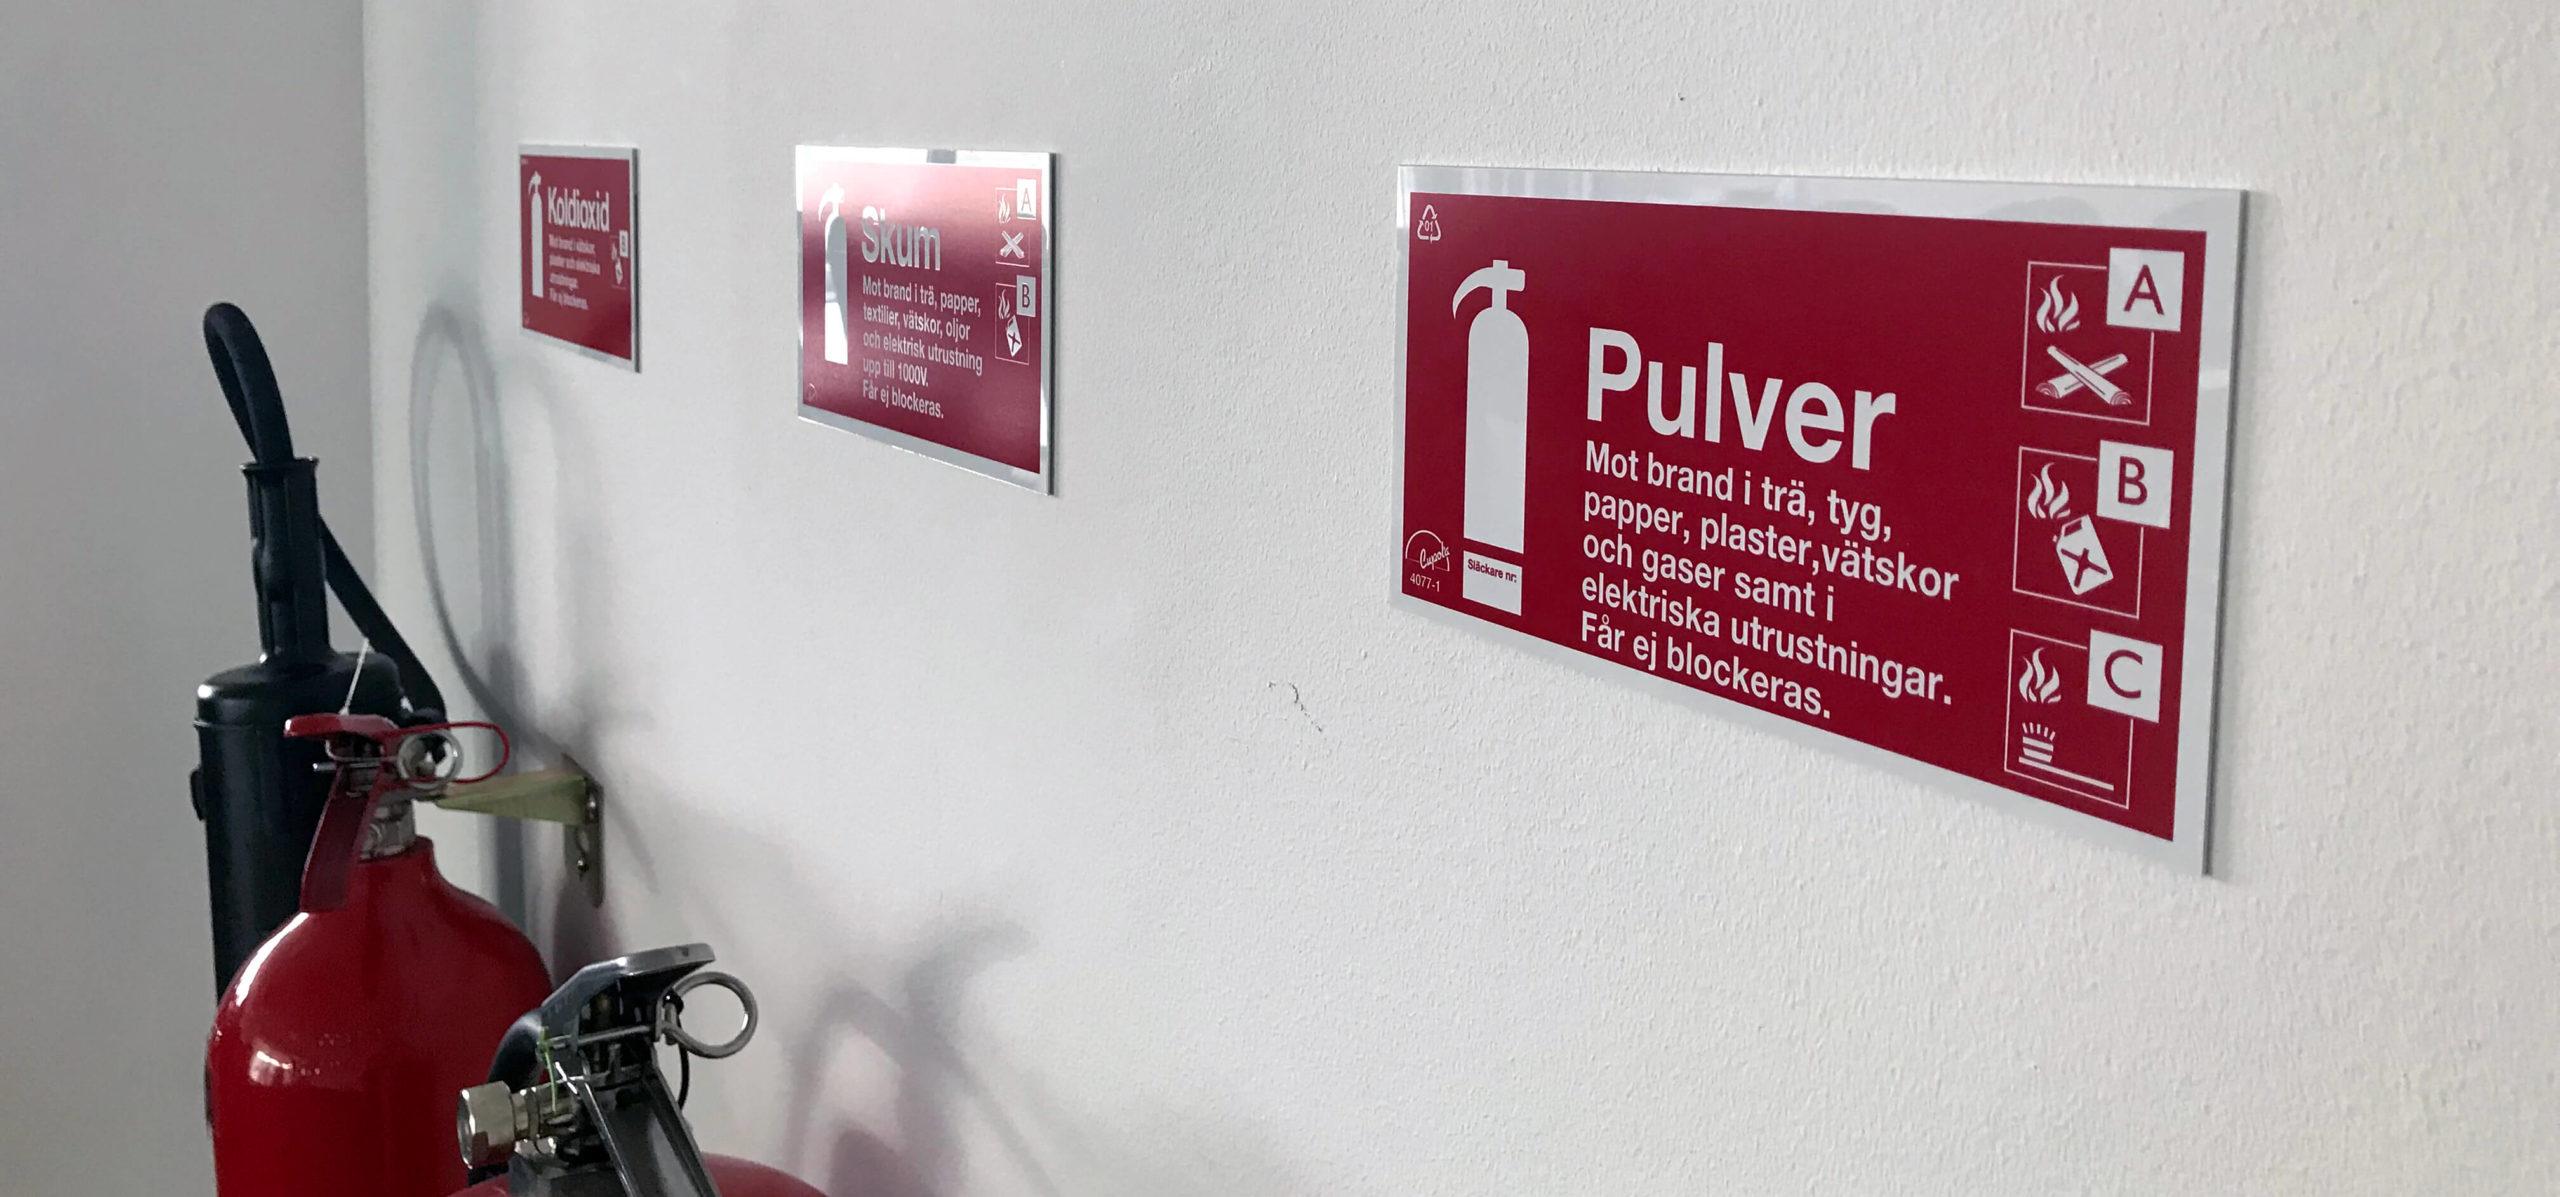 Brandsläckare pulver skum koldioxid Malmö Skåne